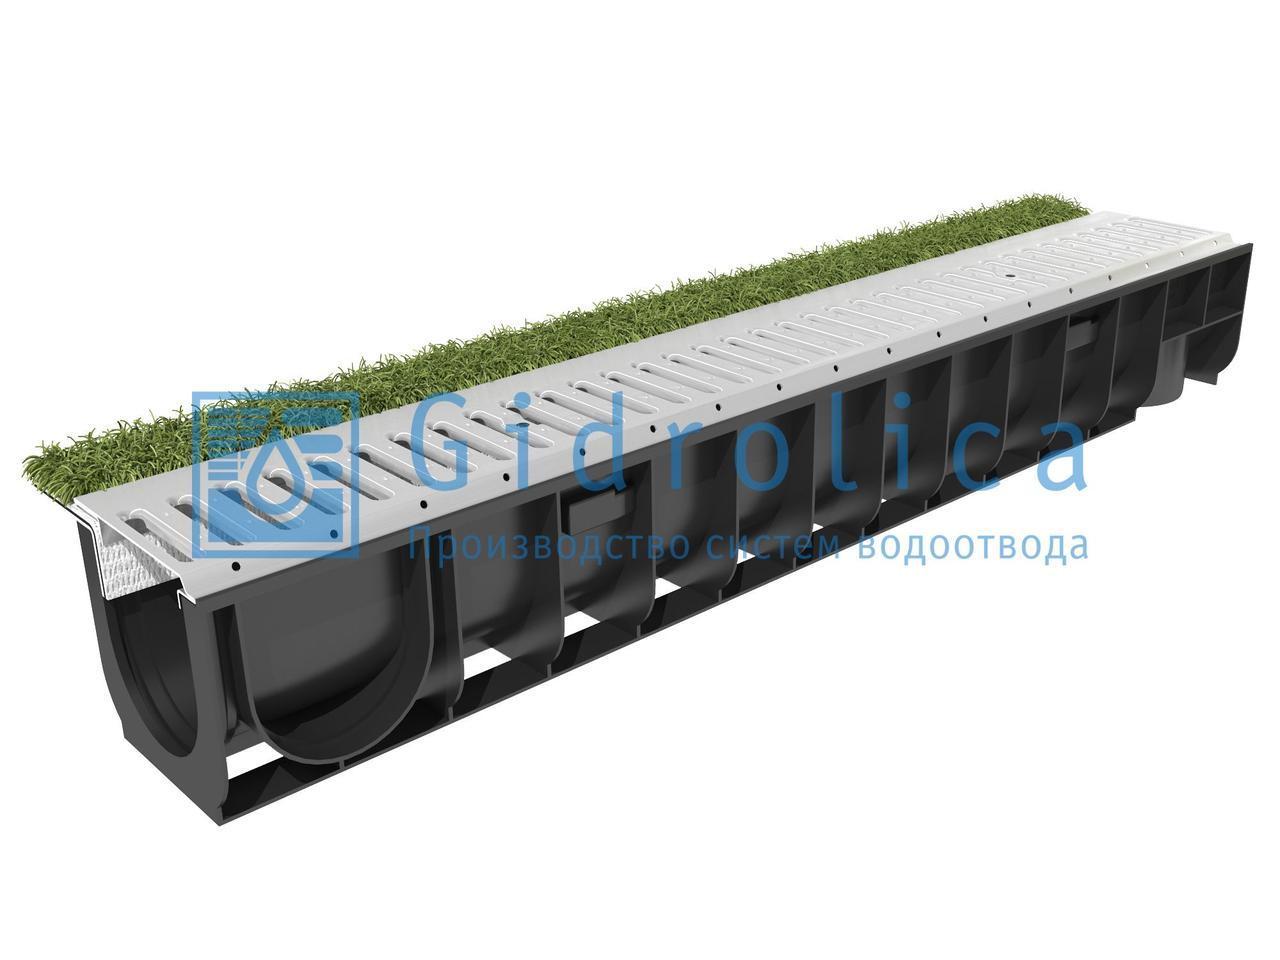 Комплект Gidrolica Sport: лоток водоотводный ЛВ-10.14,5.18,5 пластиковый с решеткой РВ-10.14,2.100 стальной оцинкованной, кл.А15